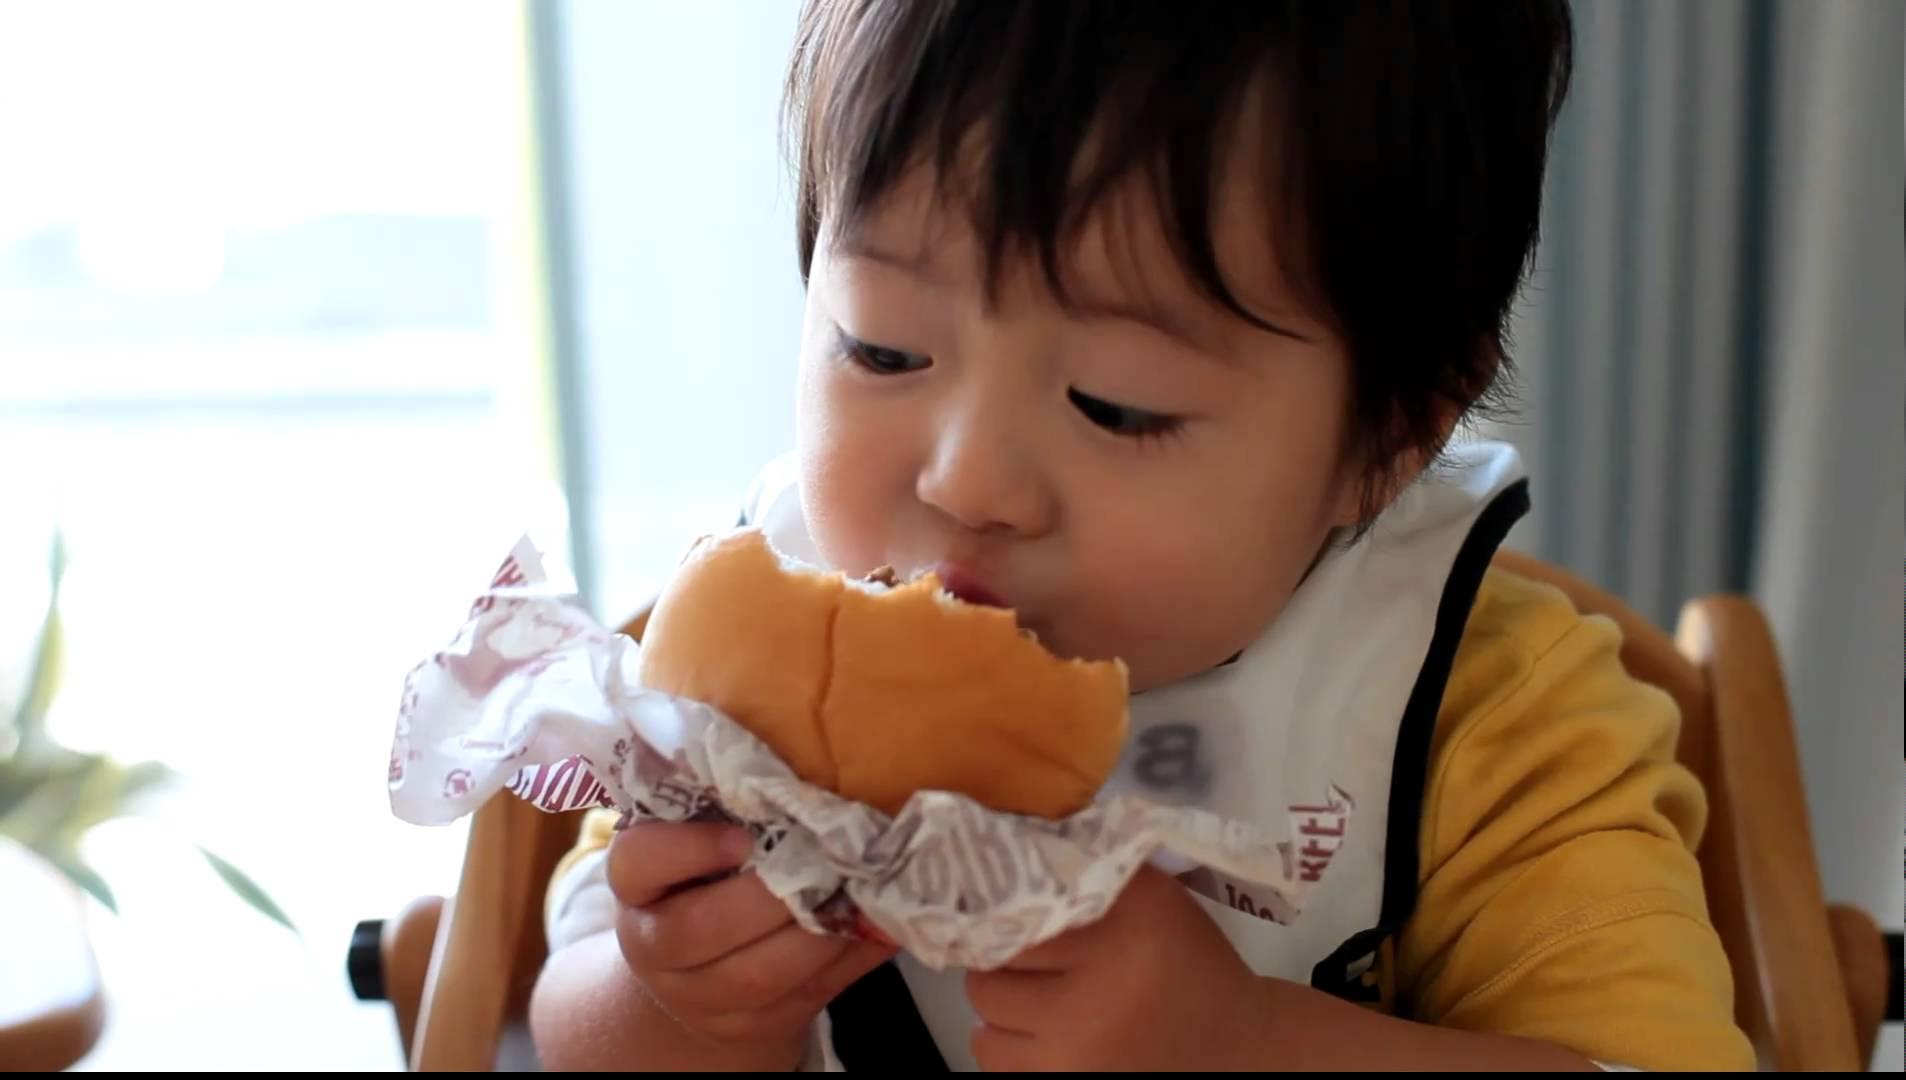 世界一ハンバーガーをおいしそうに食べる1歳児の動画が可愛すぎる